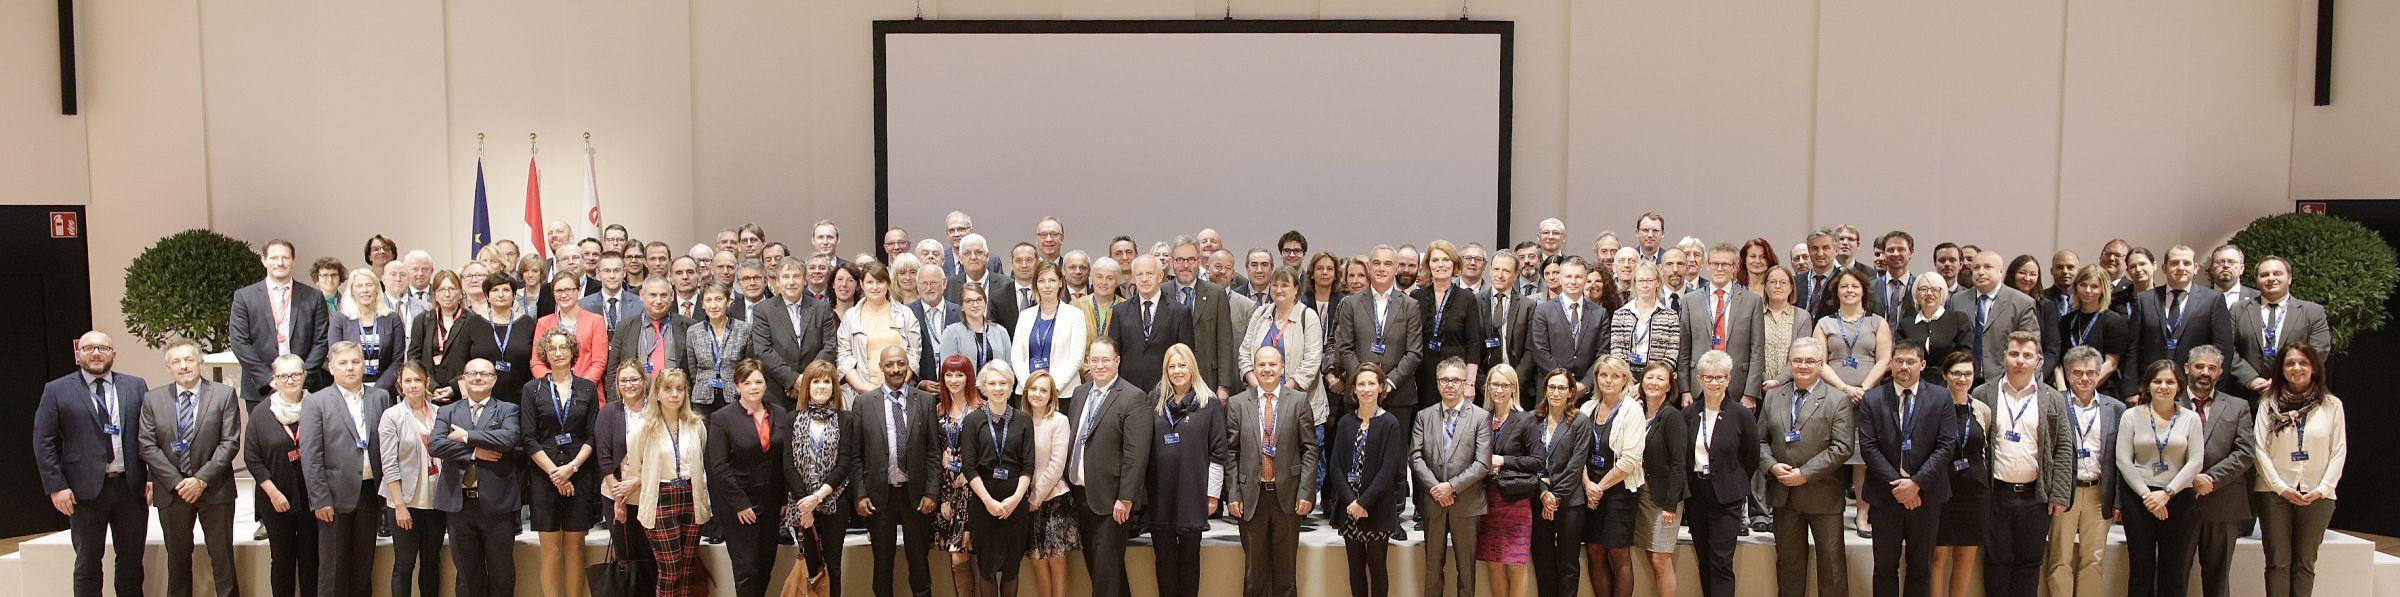 Spotkanie Głównych Lekarzy Weterynarii i Szefów Służb ds. Bezpieczeństwa Żywności w Wiedniu